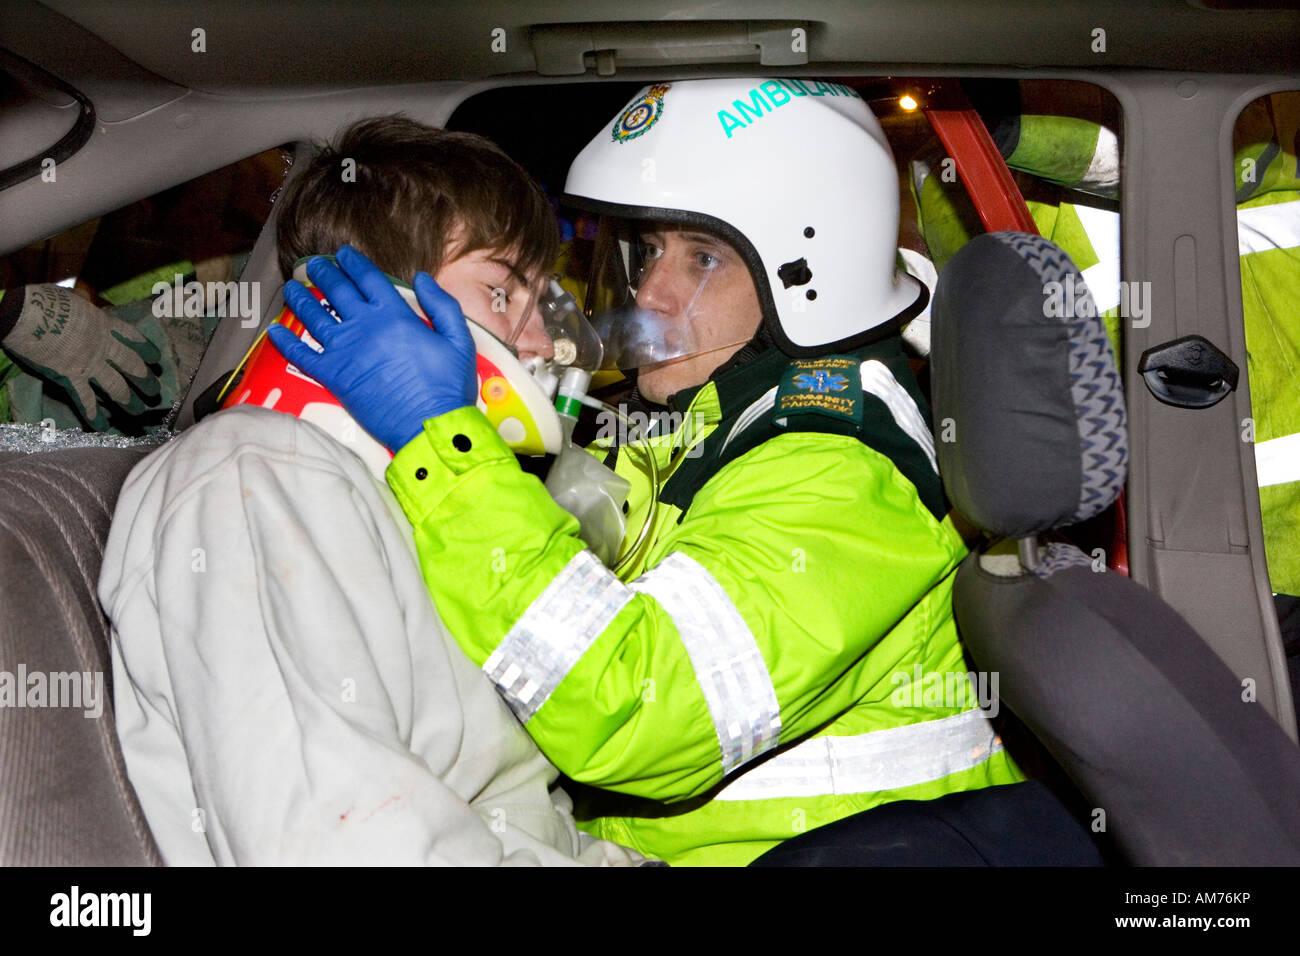 Straße Verkehr Unfall Simulation in Chesterfield Derbyshire mit ...